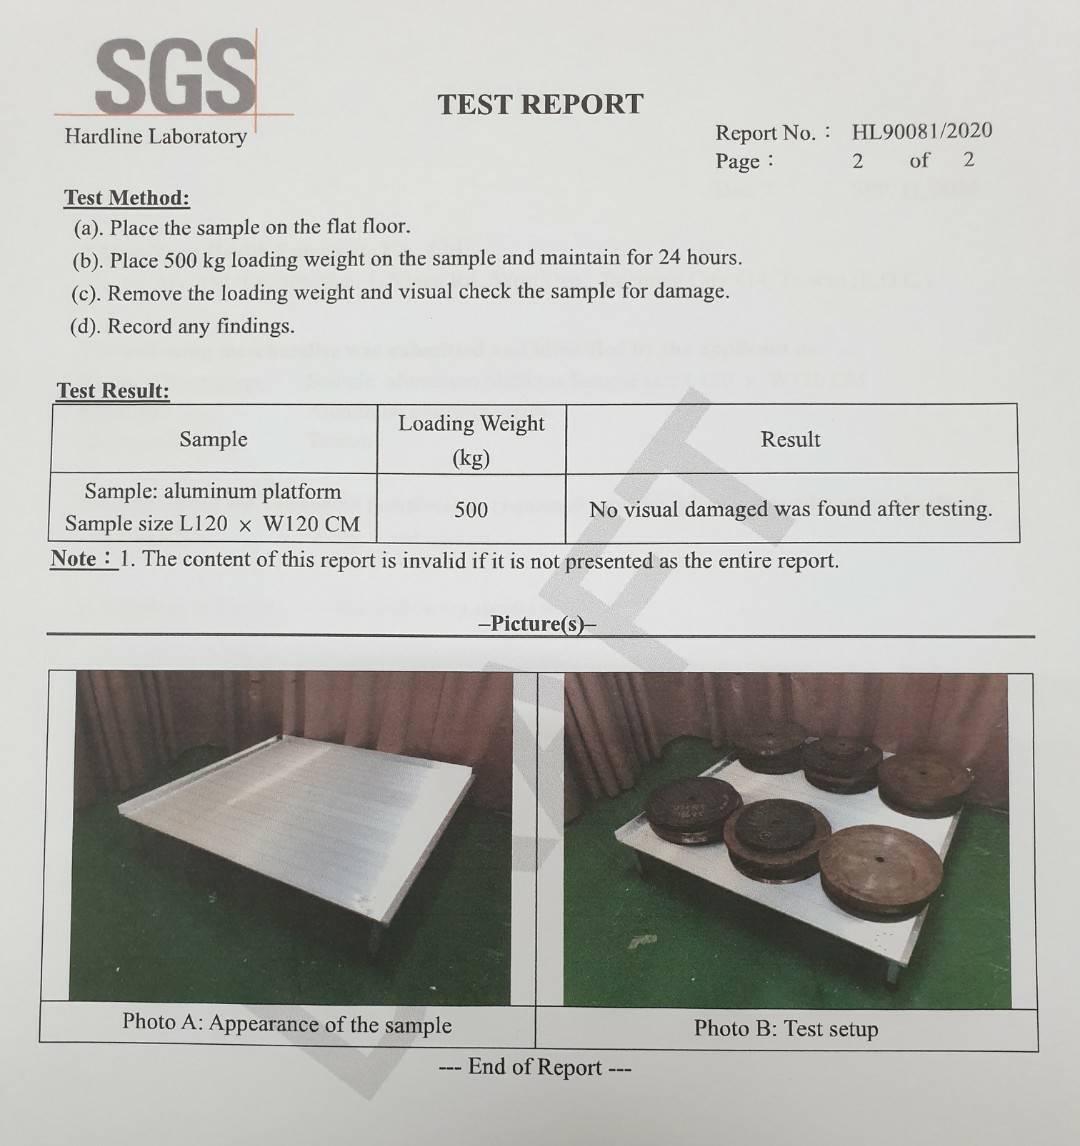 鋁合金平台 承重500公斤通過SGS認證